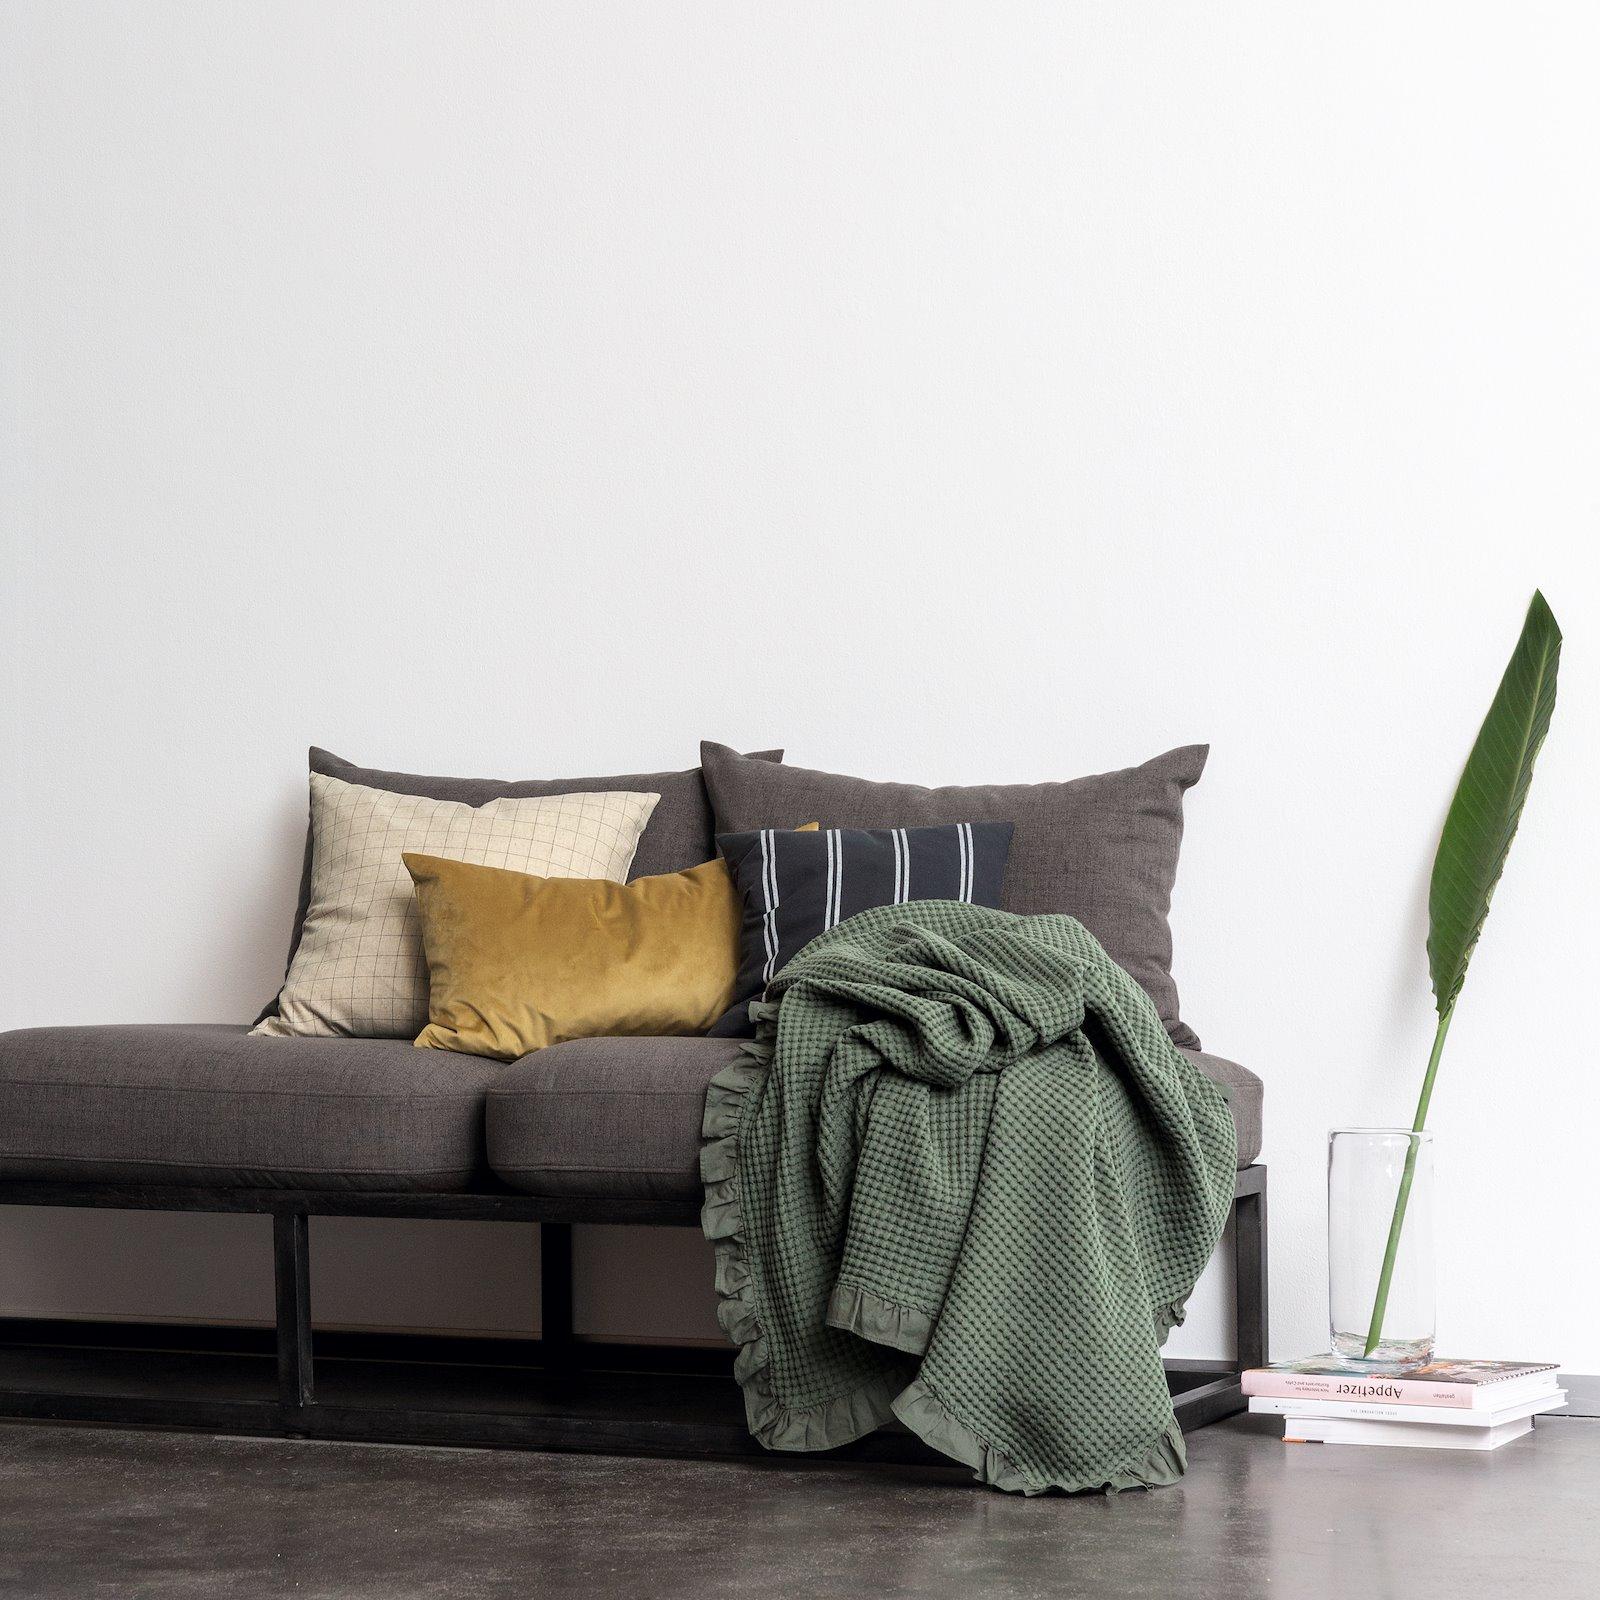 Upholstery shiny velvet dusty olive 824150_816260_824166_816256_501886_DIY8020_4336_bundle